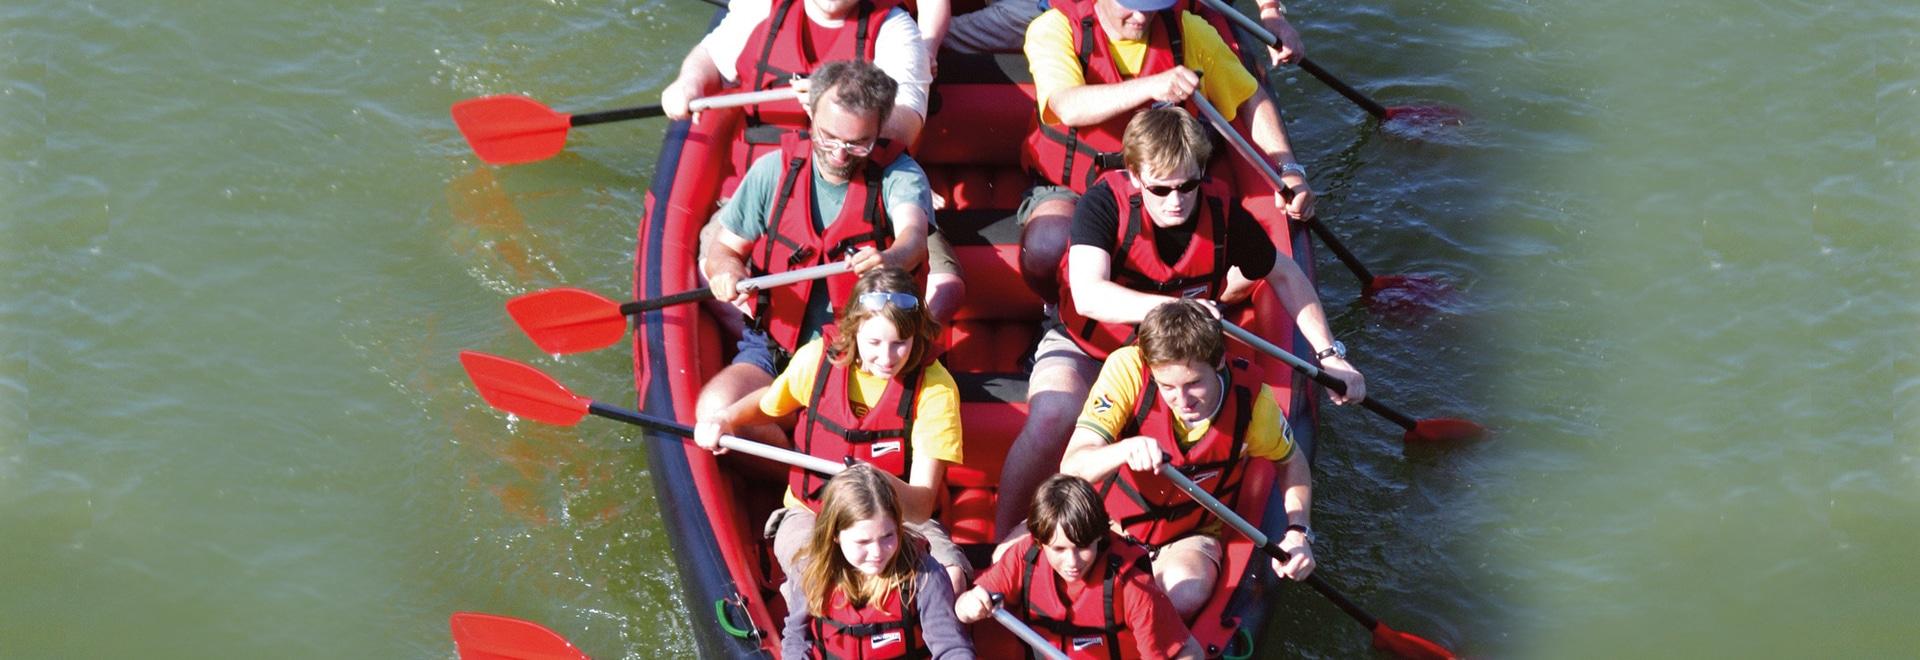 Canoa gonfiabile del gruppo per fino a 10 persone